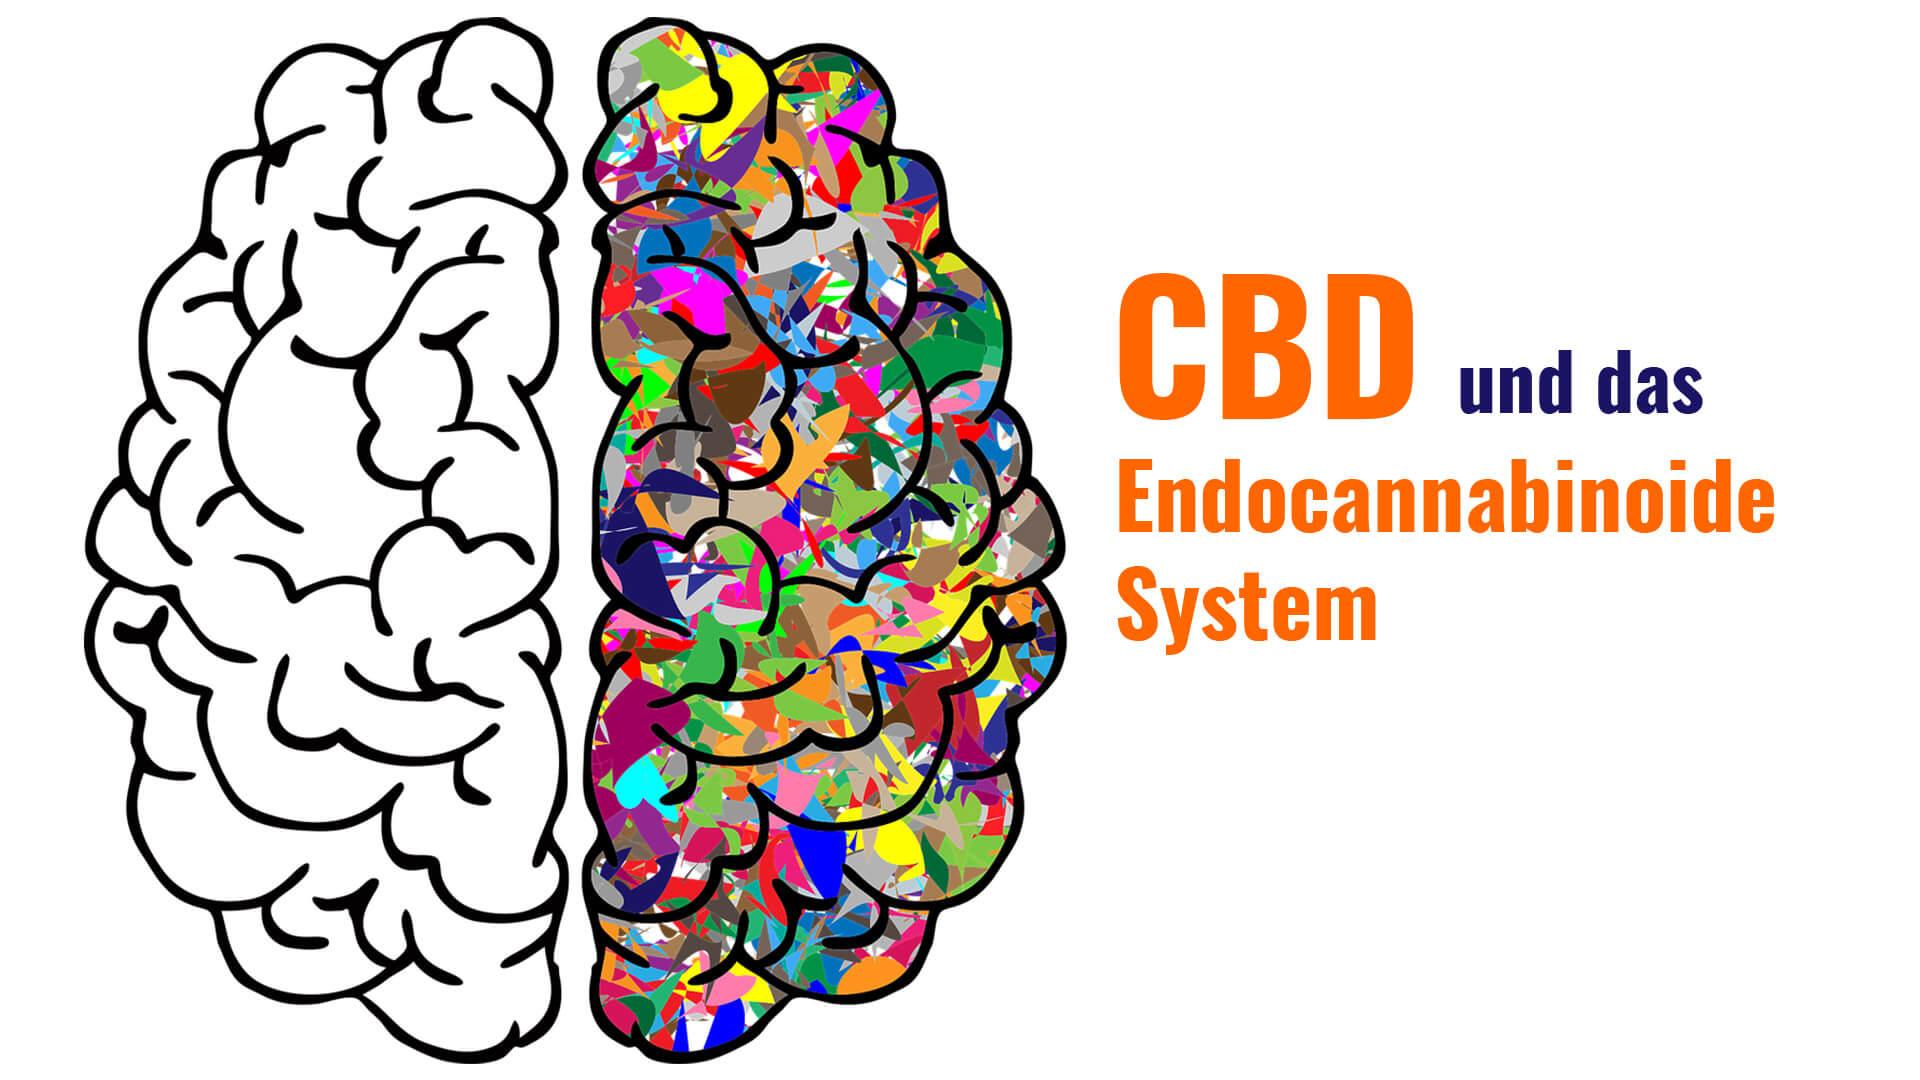 CBD und das Endocannabinoide System des Menschen